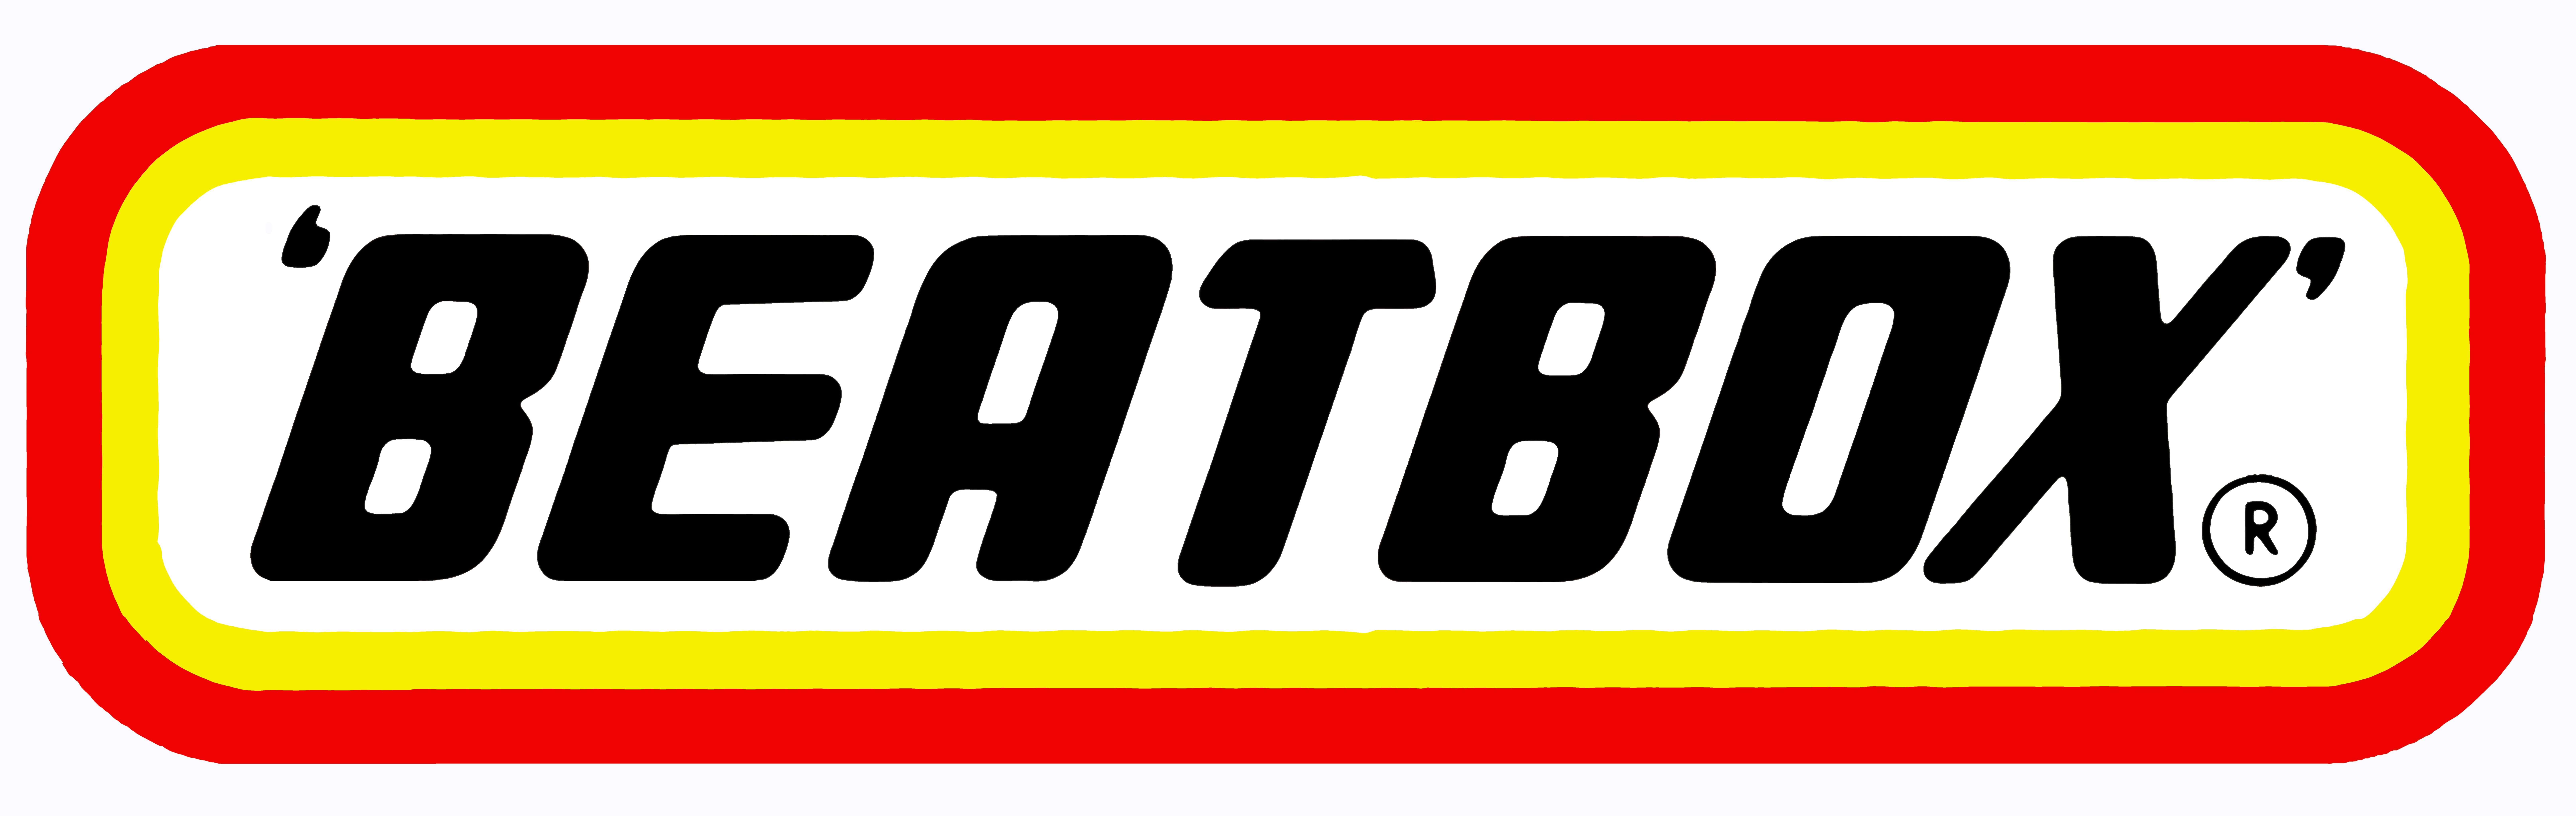 http://www.bentcop.biz/beatbox.png